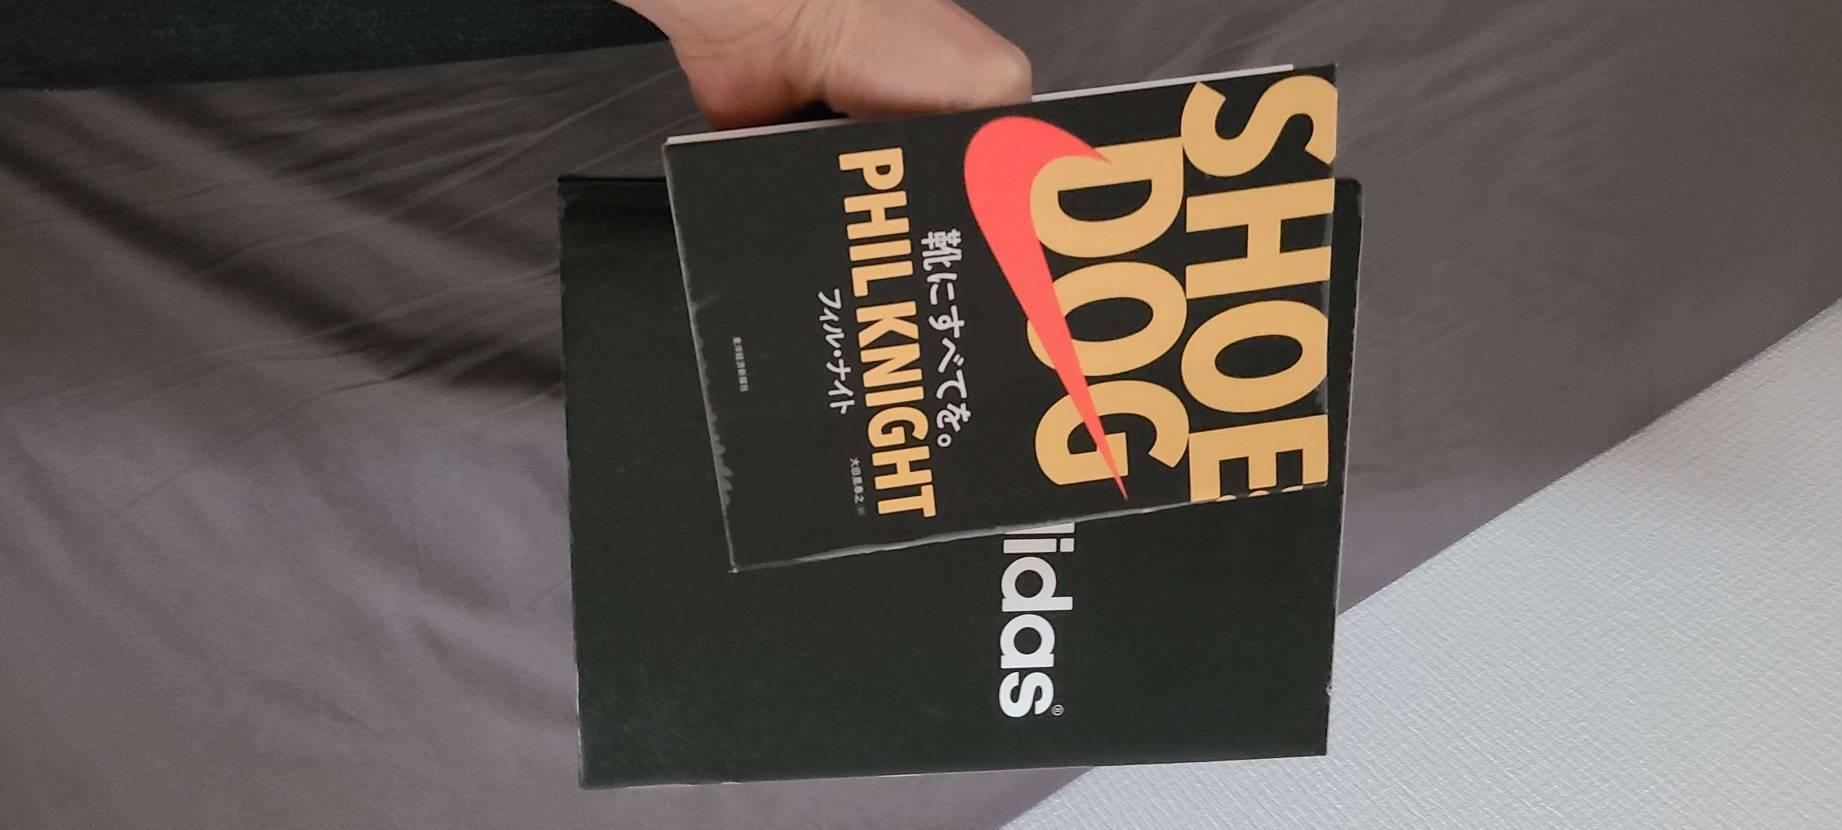 靴関係の書籍で面白かったものってありますか? 是非教えてくださいな